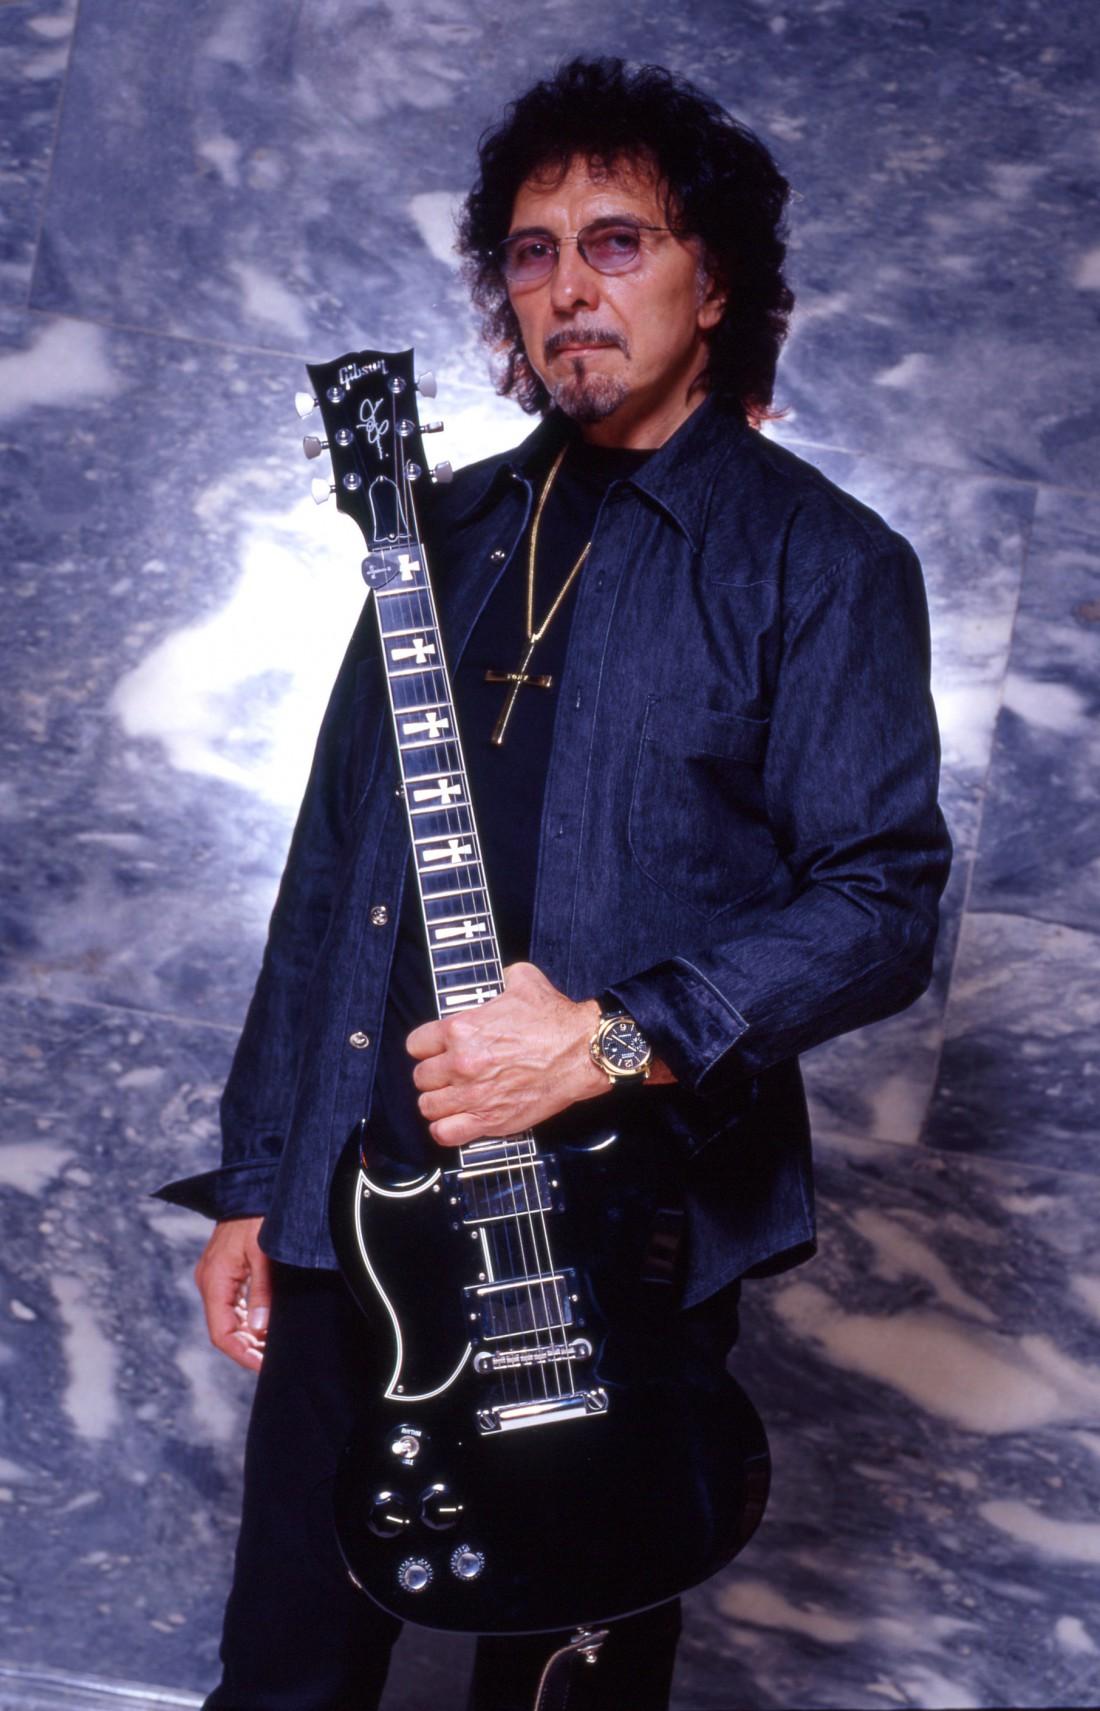 У музыканта Тони Айомми обнаружена опухоль горла